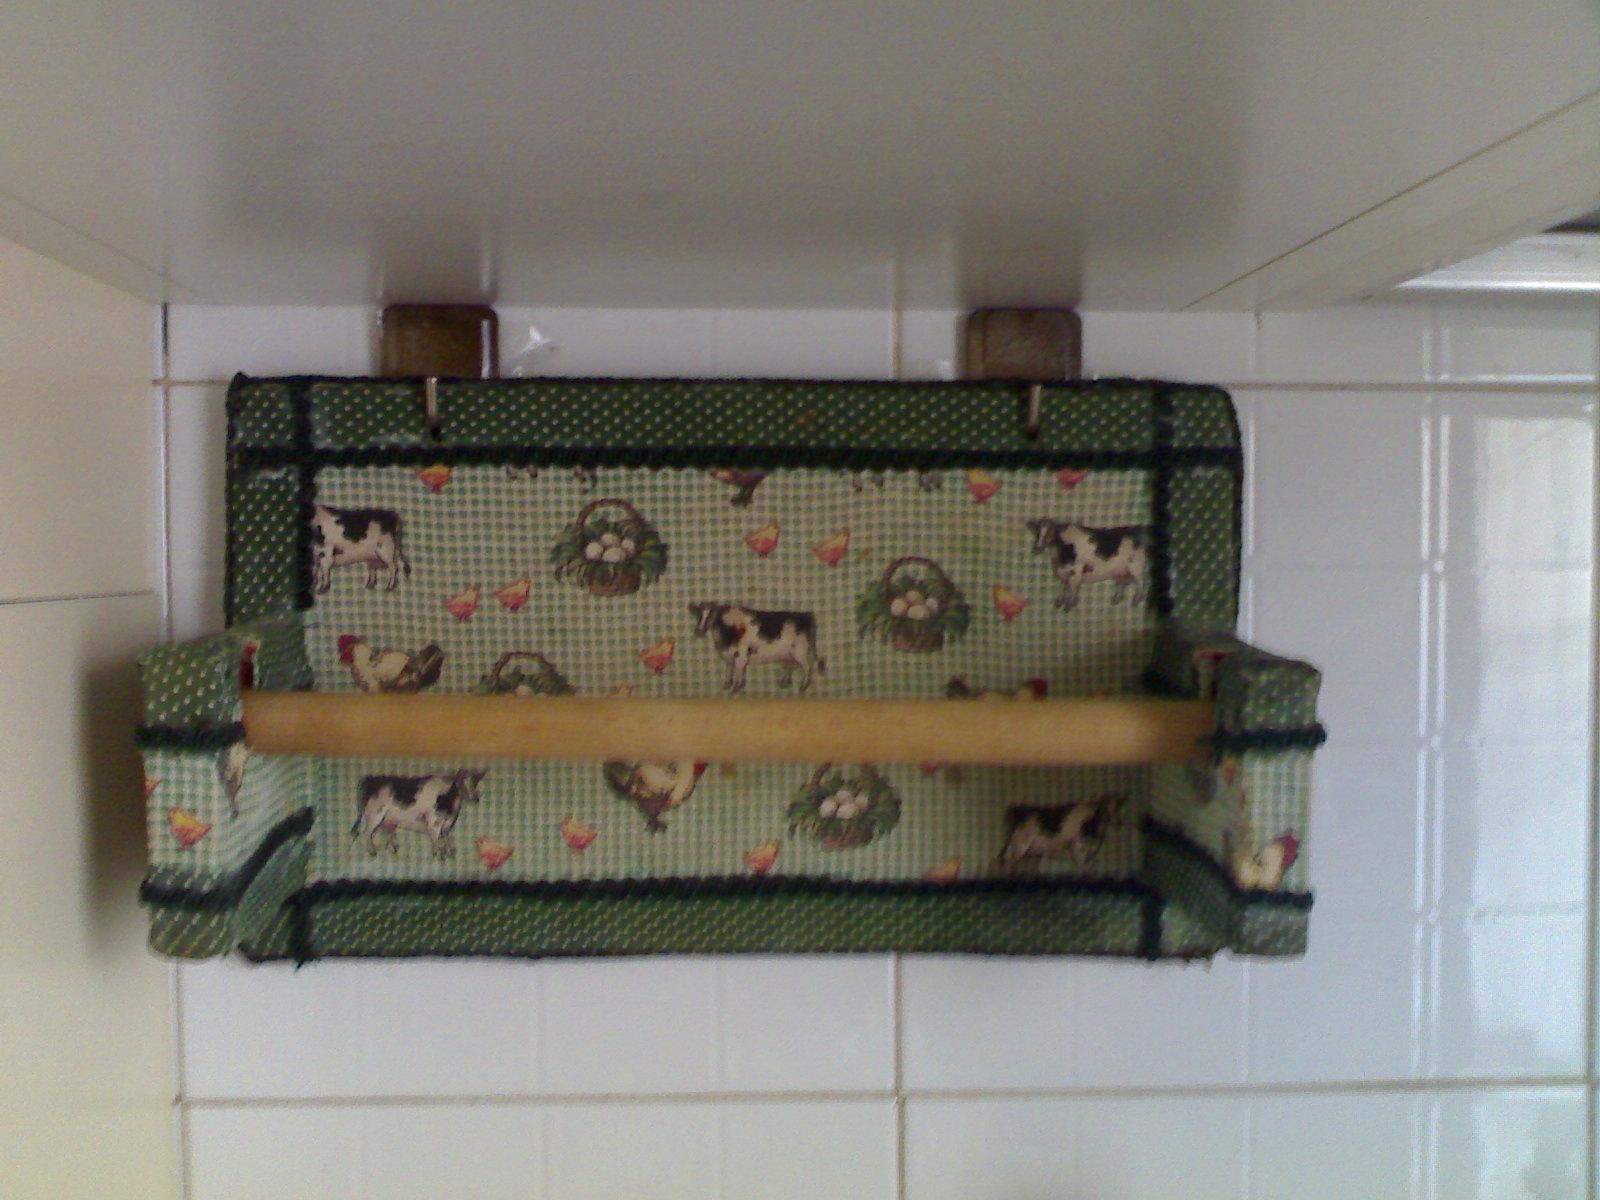 Laboratorio Di Zia Polly: Nuovo Look Al Porta Rotolo Da Cucina #624C3C 1600 1200 Come Fare Carrello Da Cucina